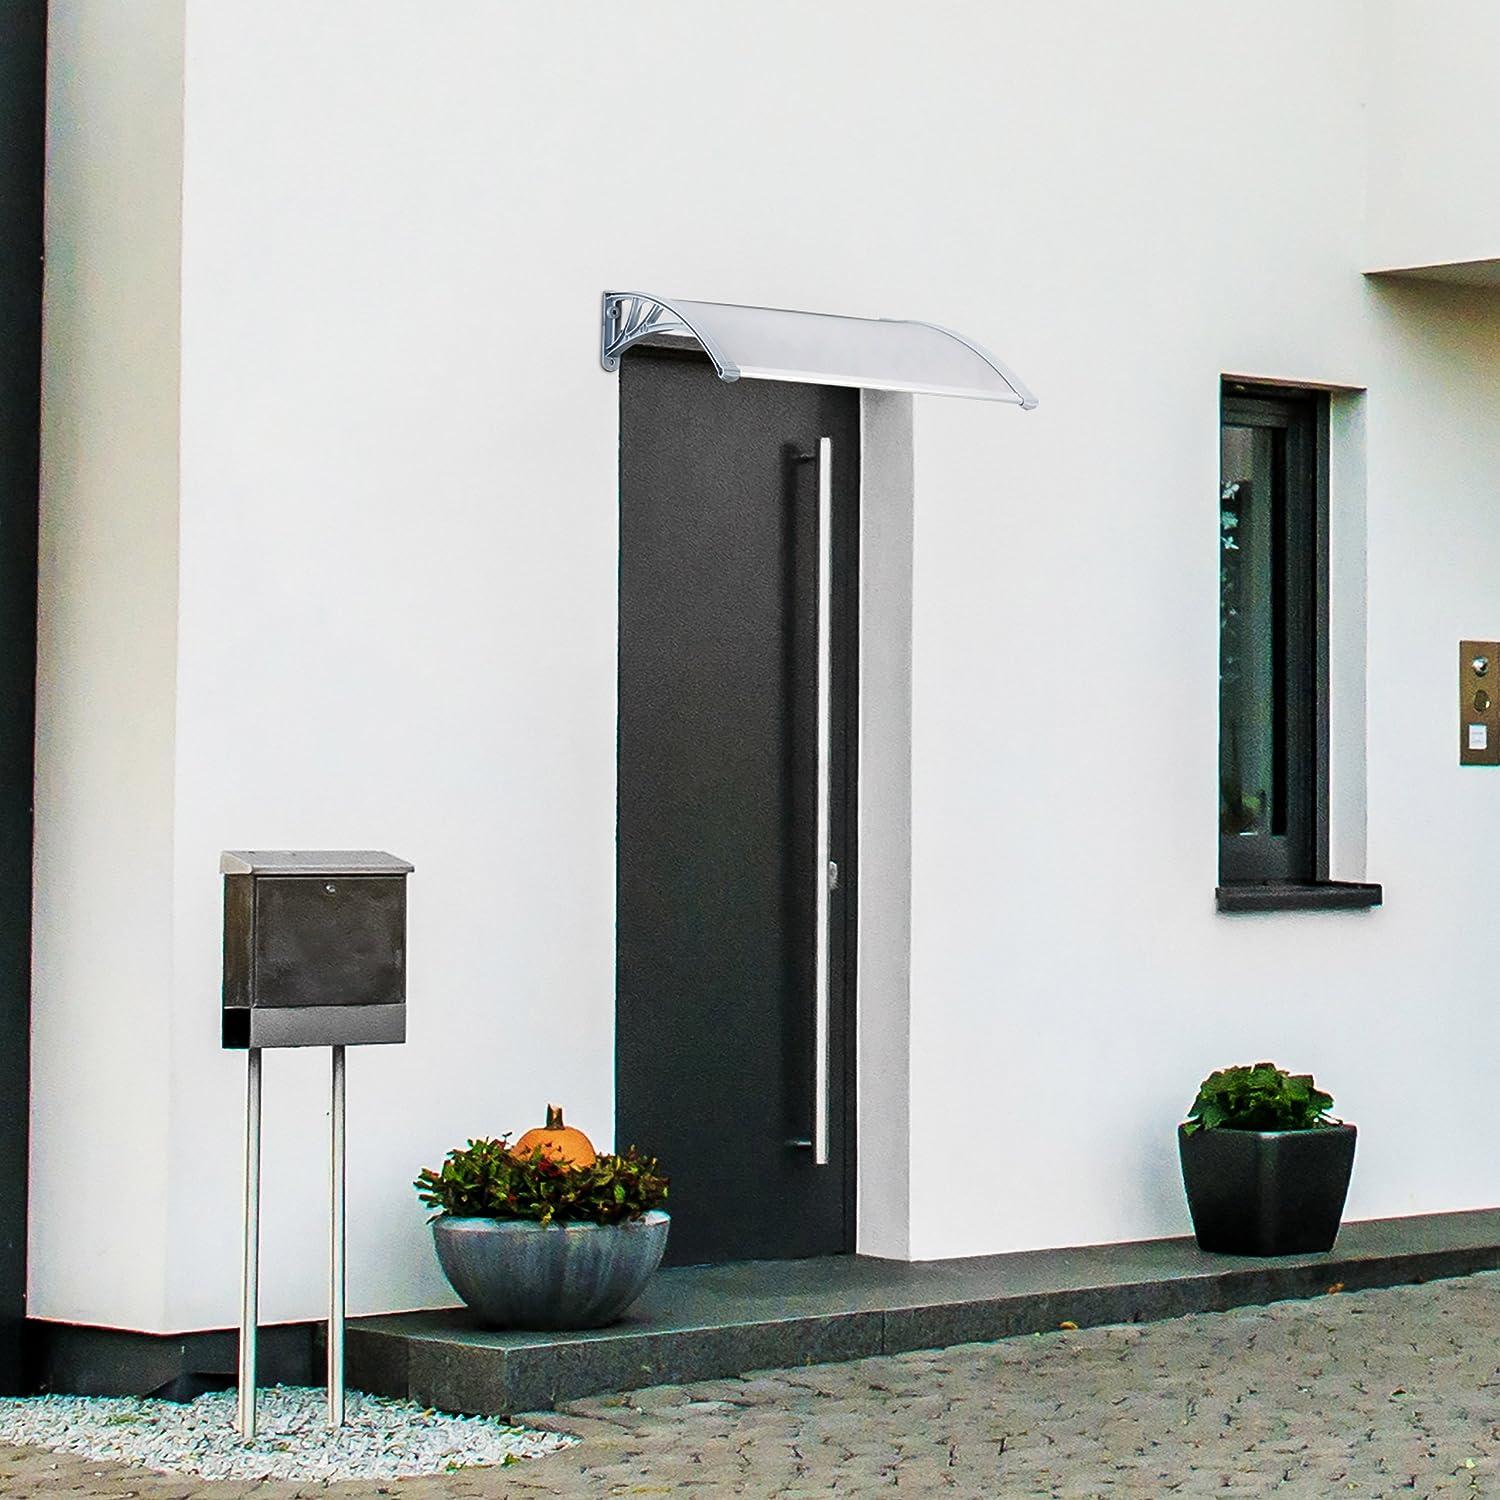 Elegant Eingangsüberdachung L Form Foto Von Relaxdays Vordach Tür, Kunststoff, Aluminium, Pultbogenvordach, Hxbxt: